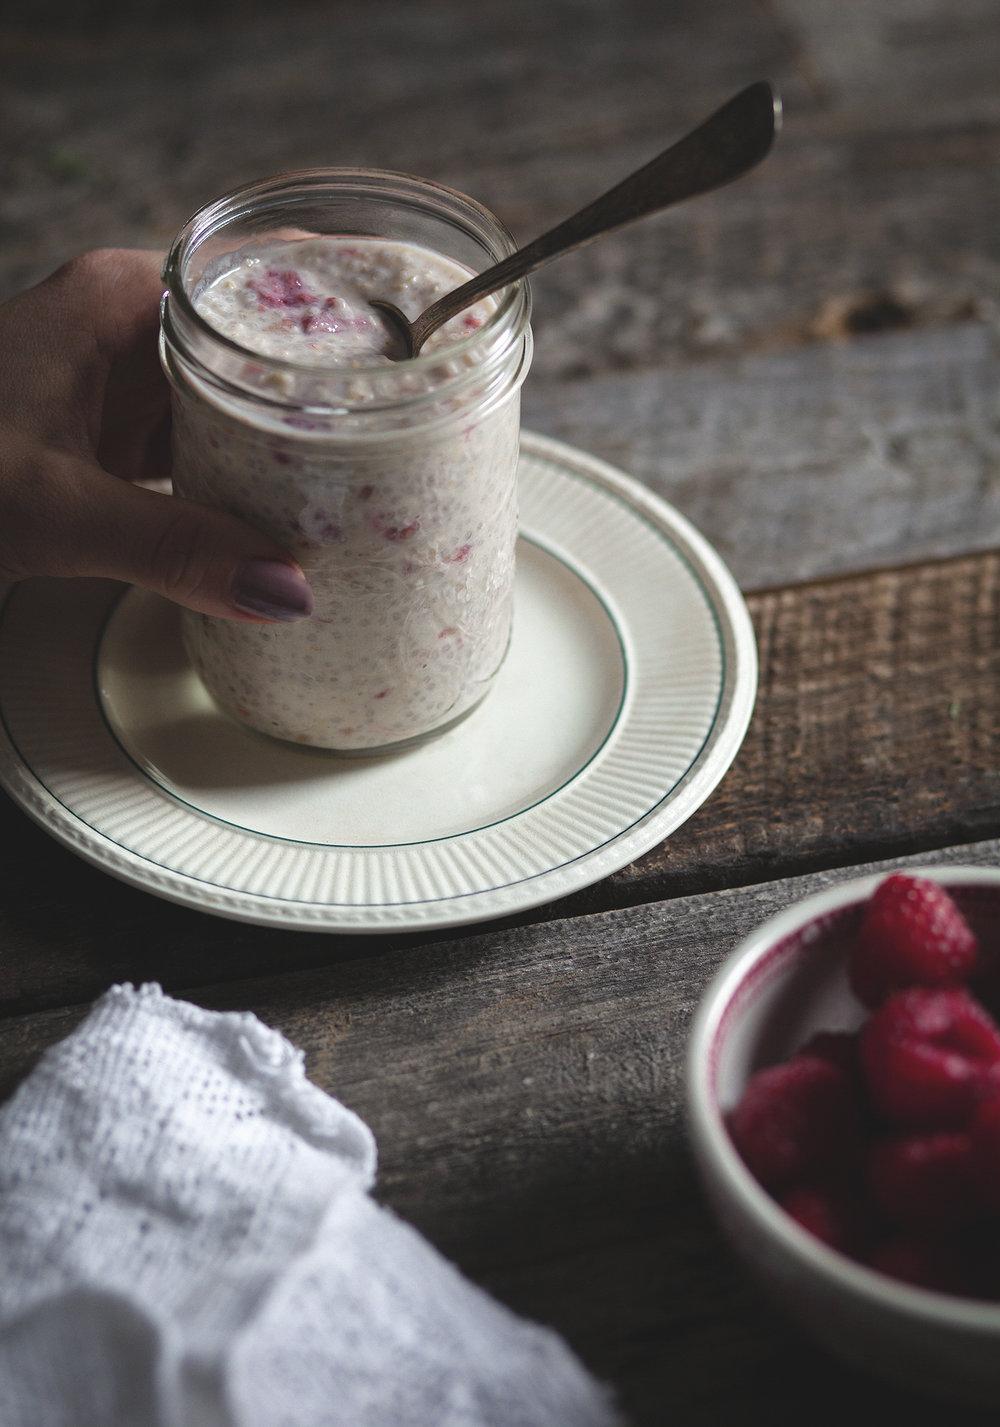 Credits :http://www.troisfoisparjour.com/en/web/trois-fois-par-jour/recettes/breakfast-brunch/gruau-d-avoine-chia-yogourt-erable-framboises